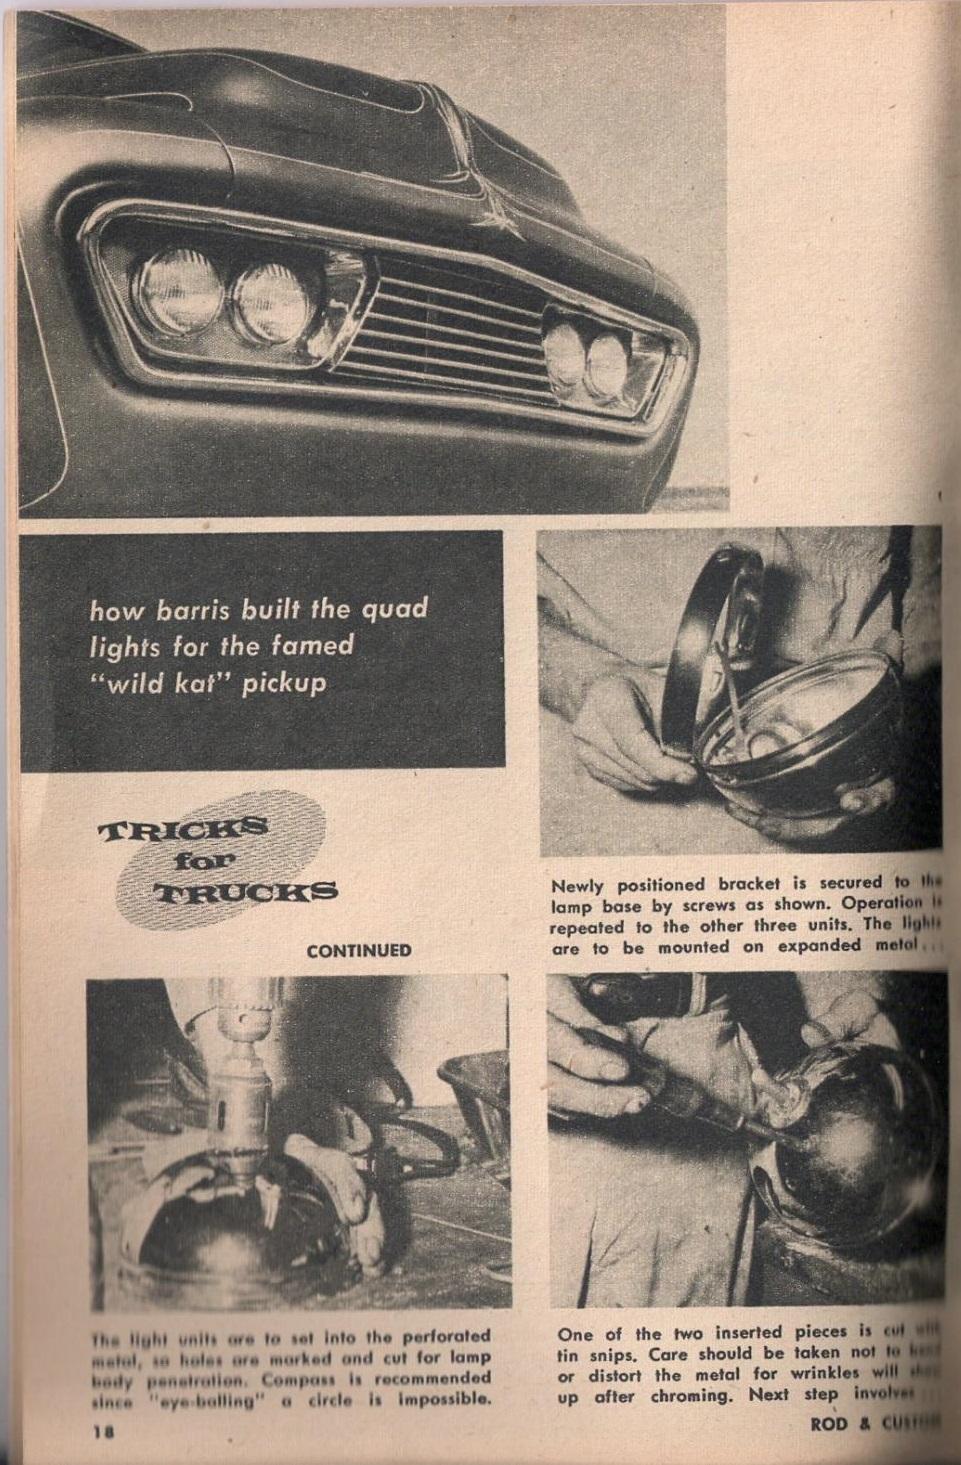 Rod et Custom - January 1959 - Tricks for Trucks - new ideas for pick up 1822